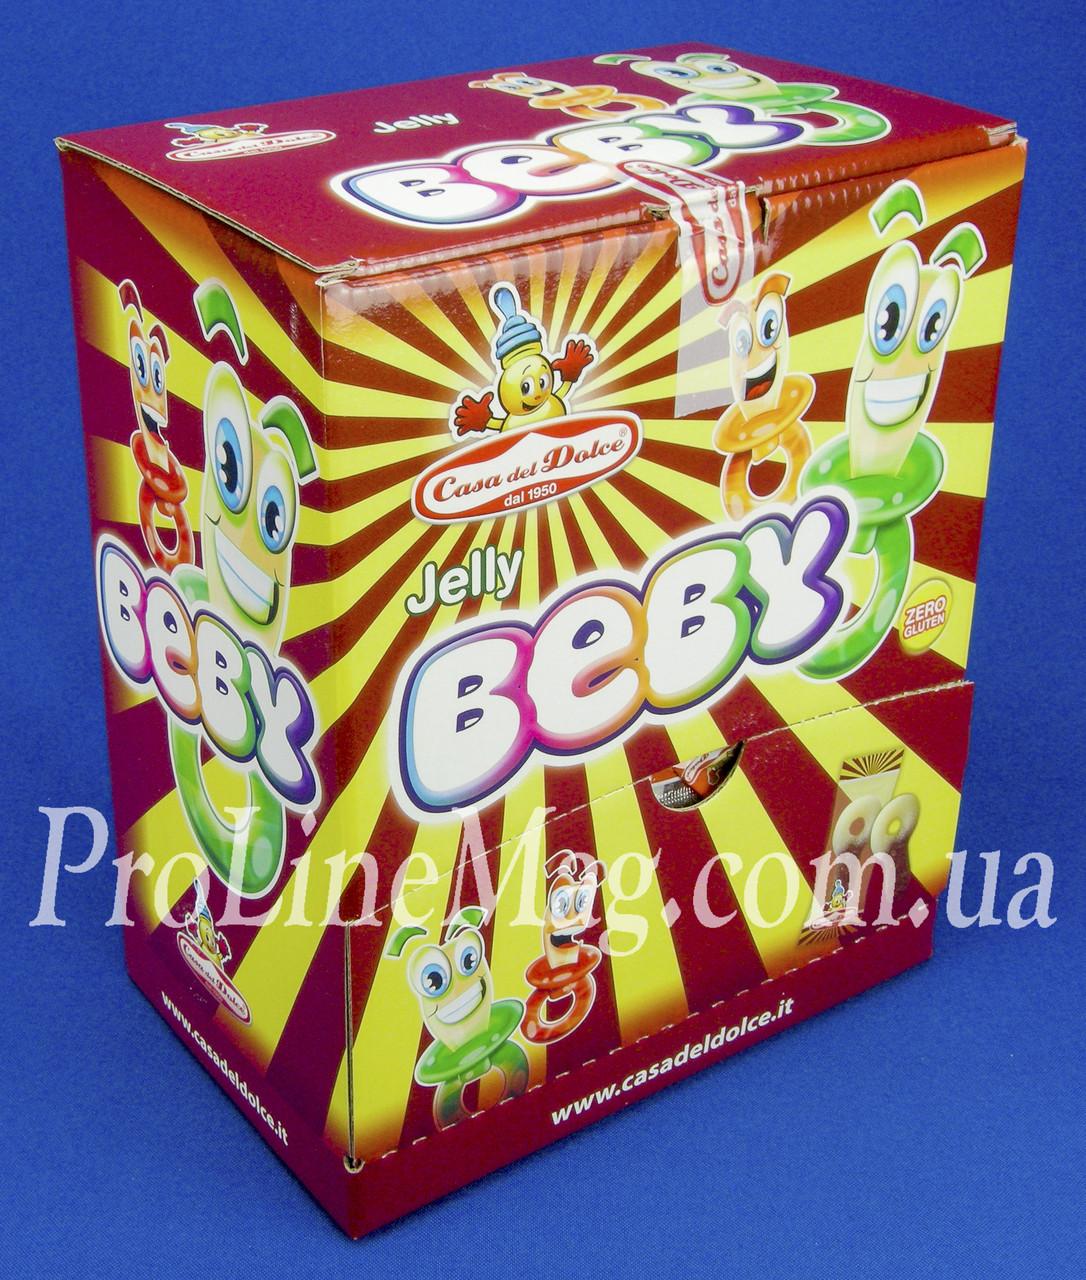 Мармелад Пустышка Casa del Dolce® Jelly Beby